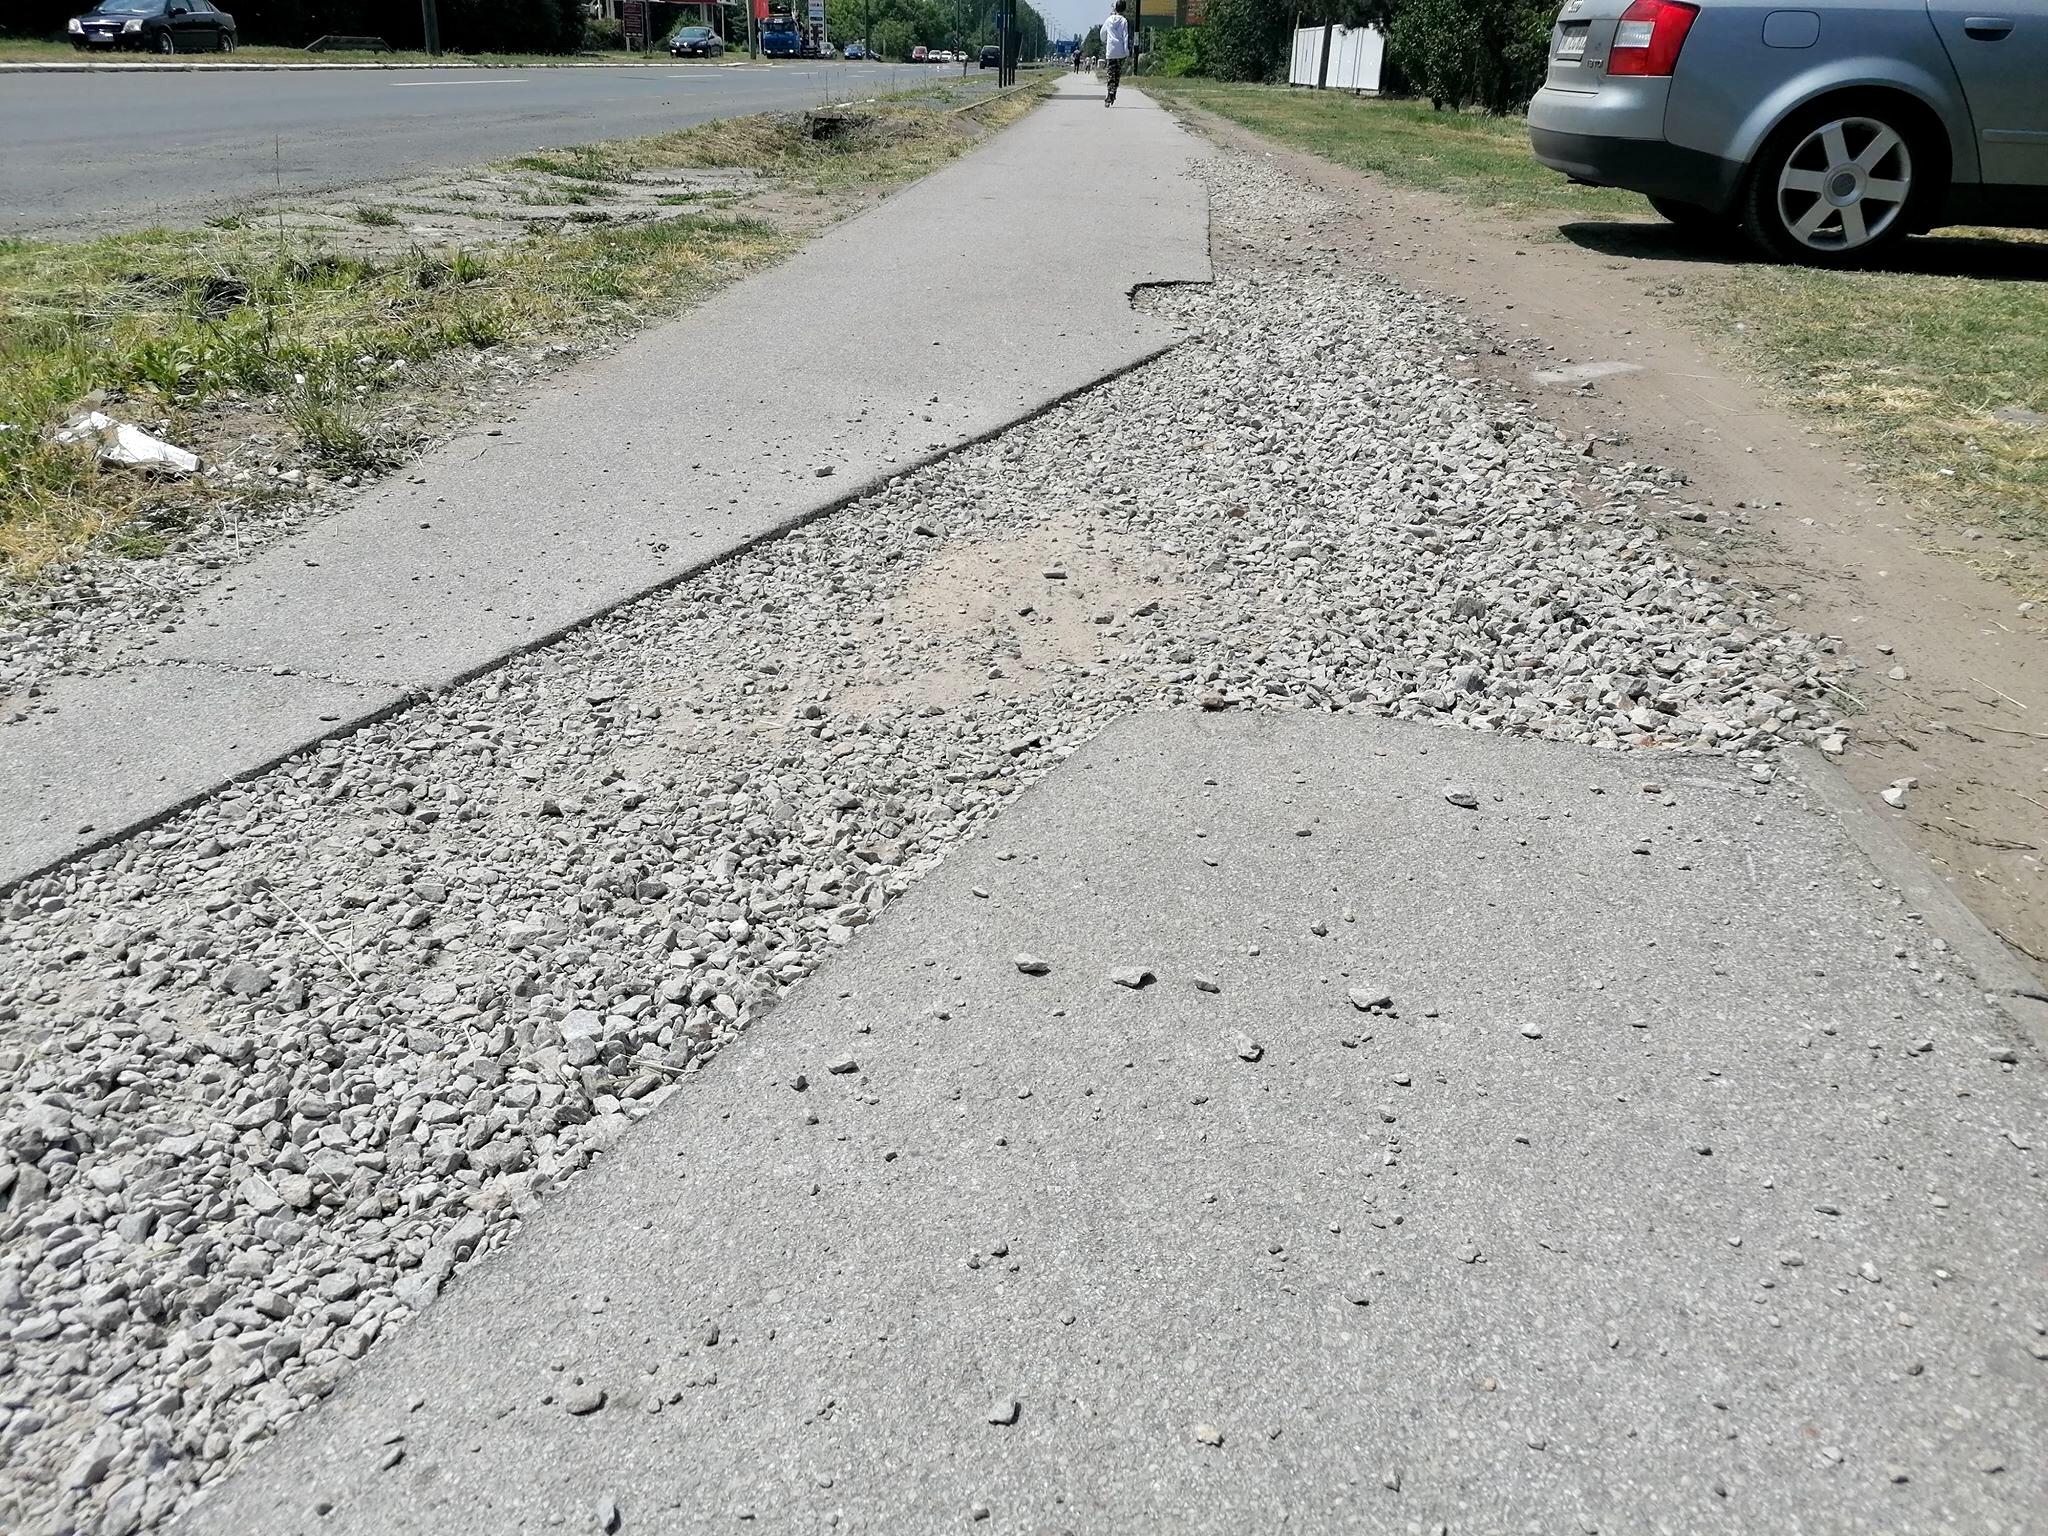 Palić: Rupe na stazi otežavaju vožnju bicikala i rolera (Foto)